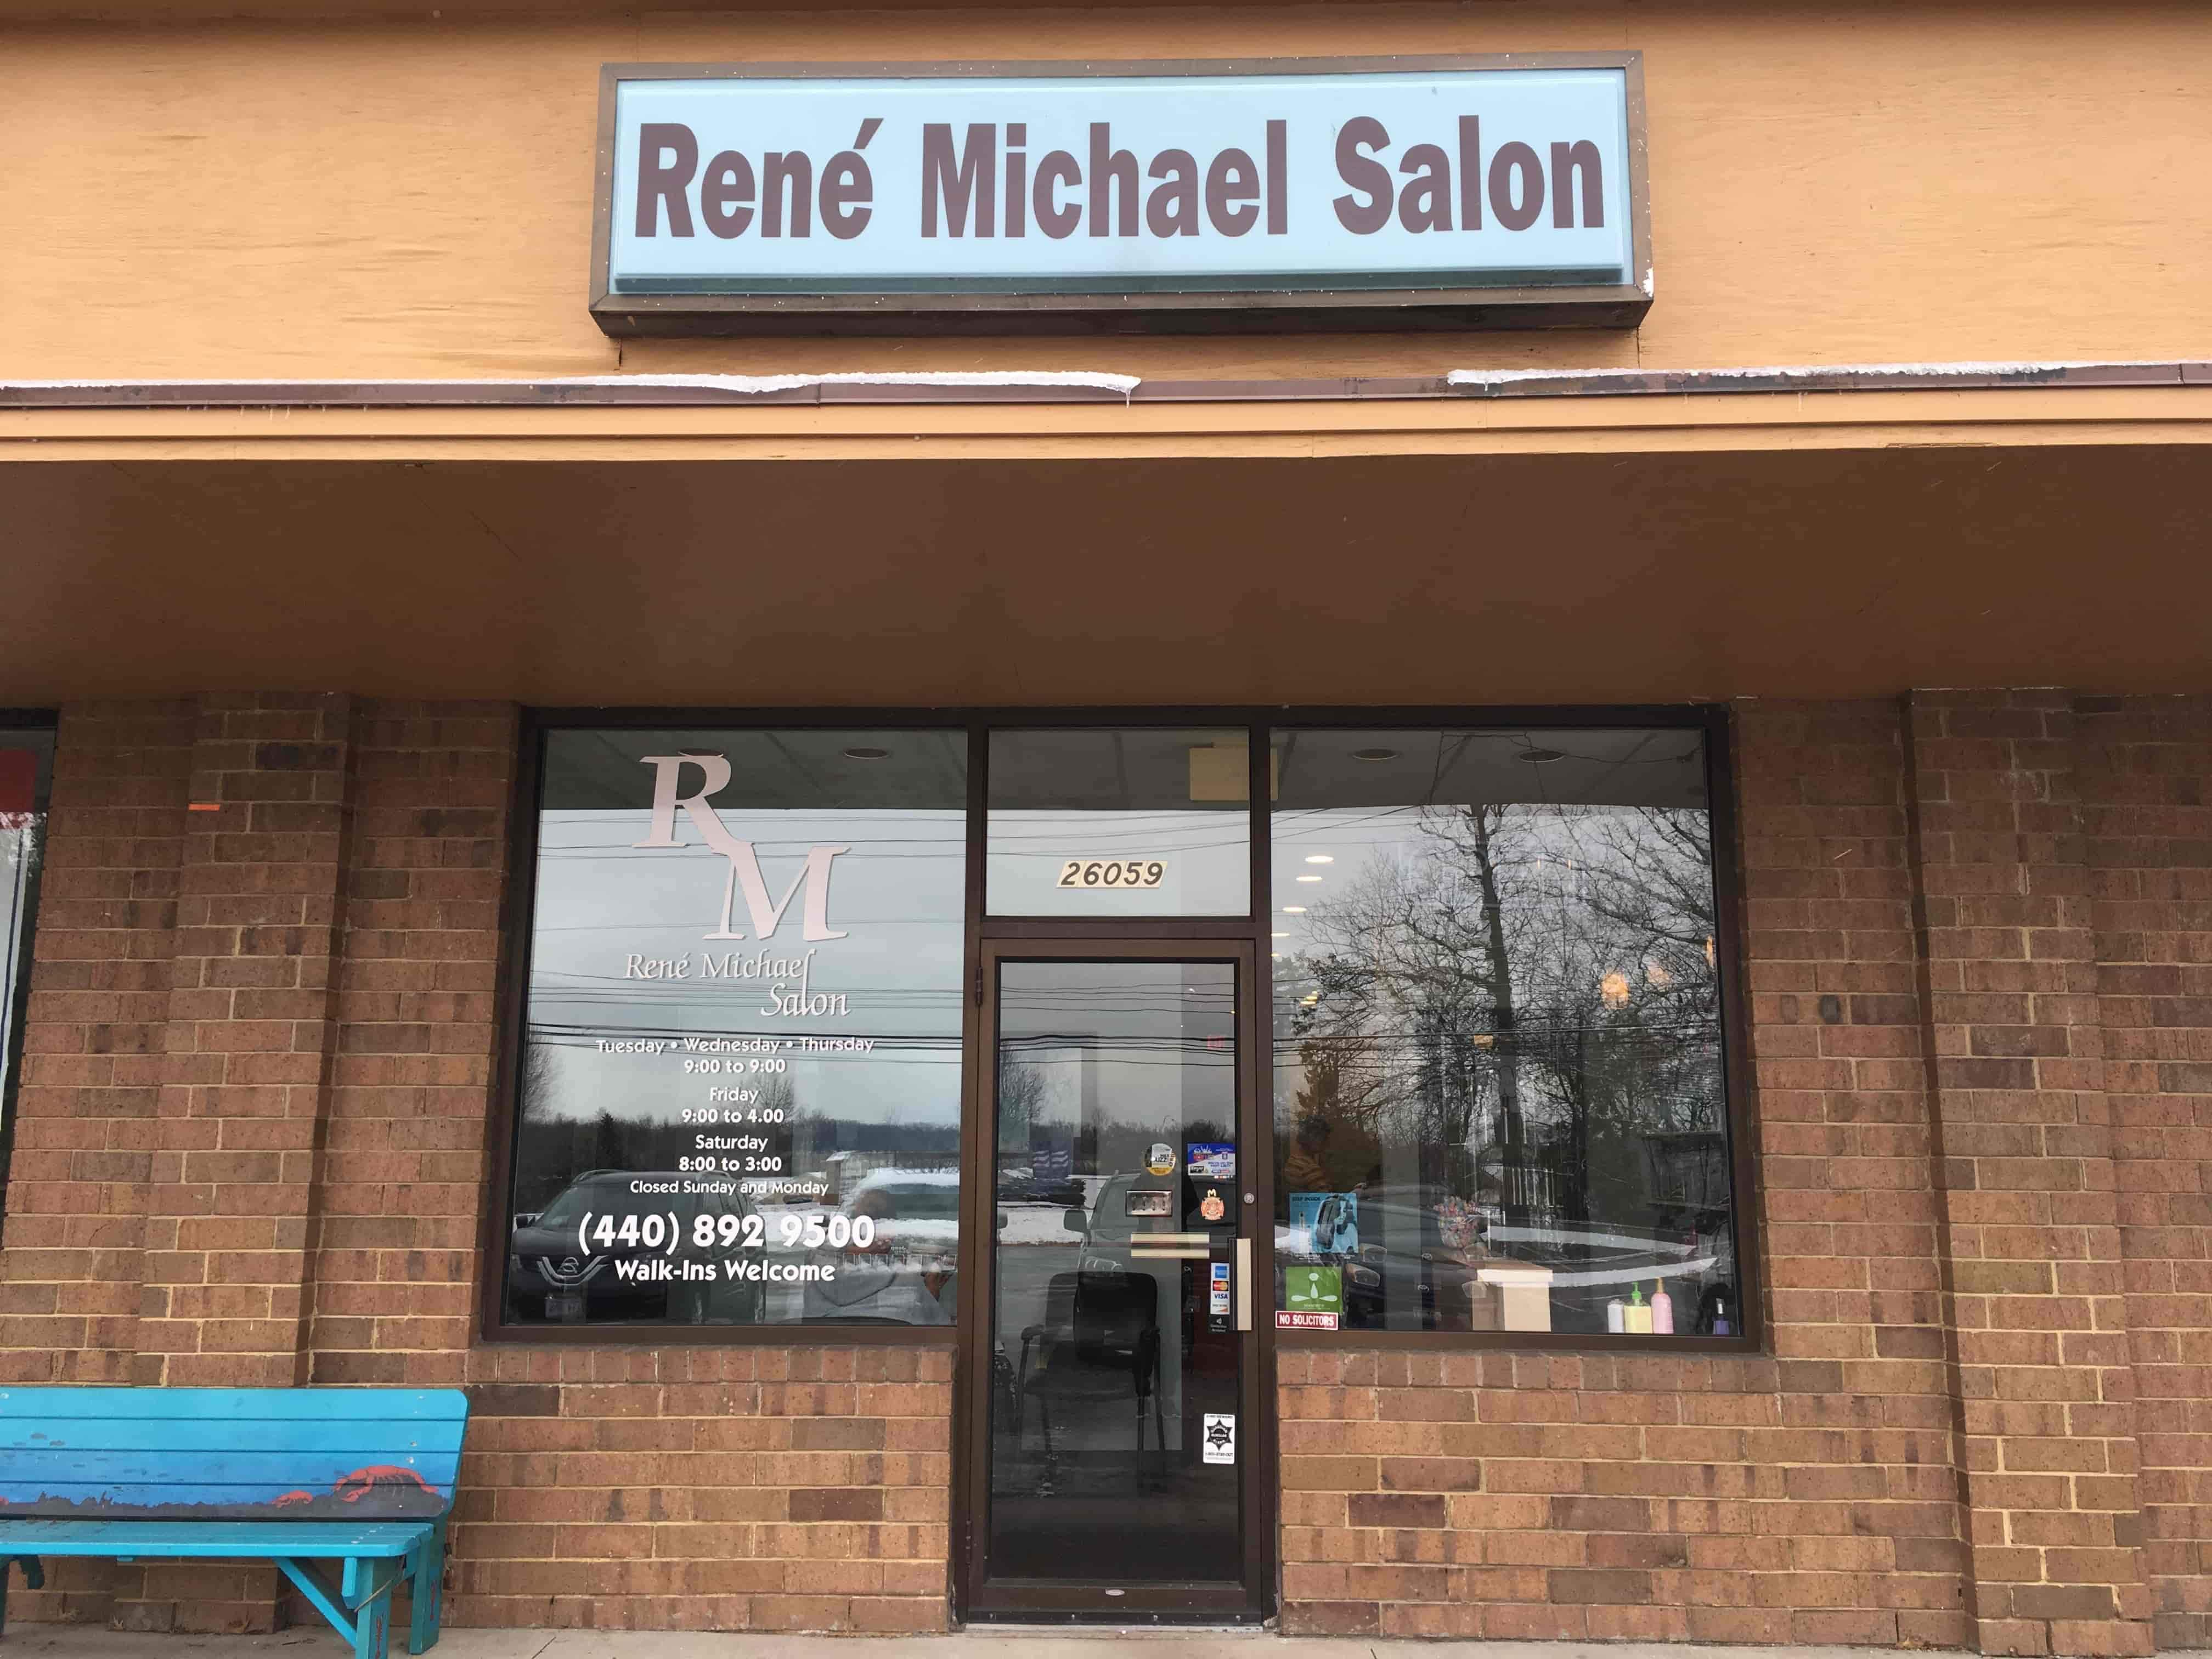 René Michael Salon Storefront